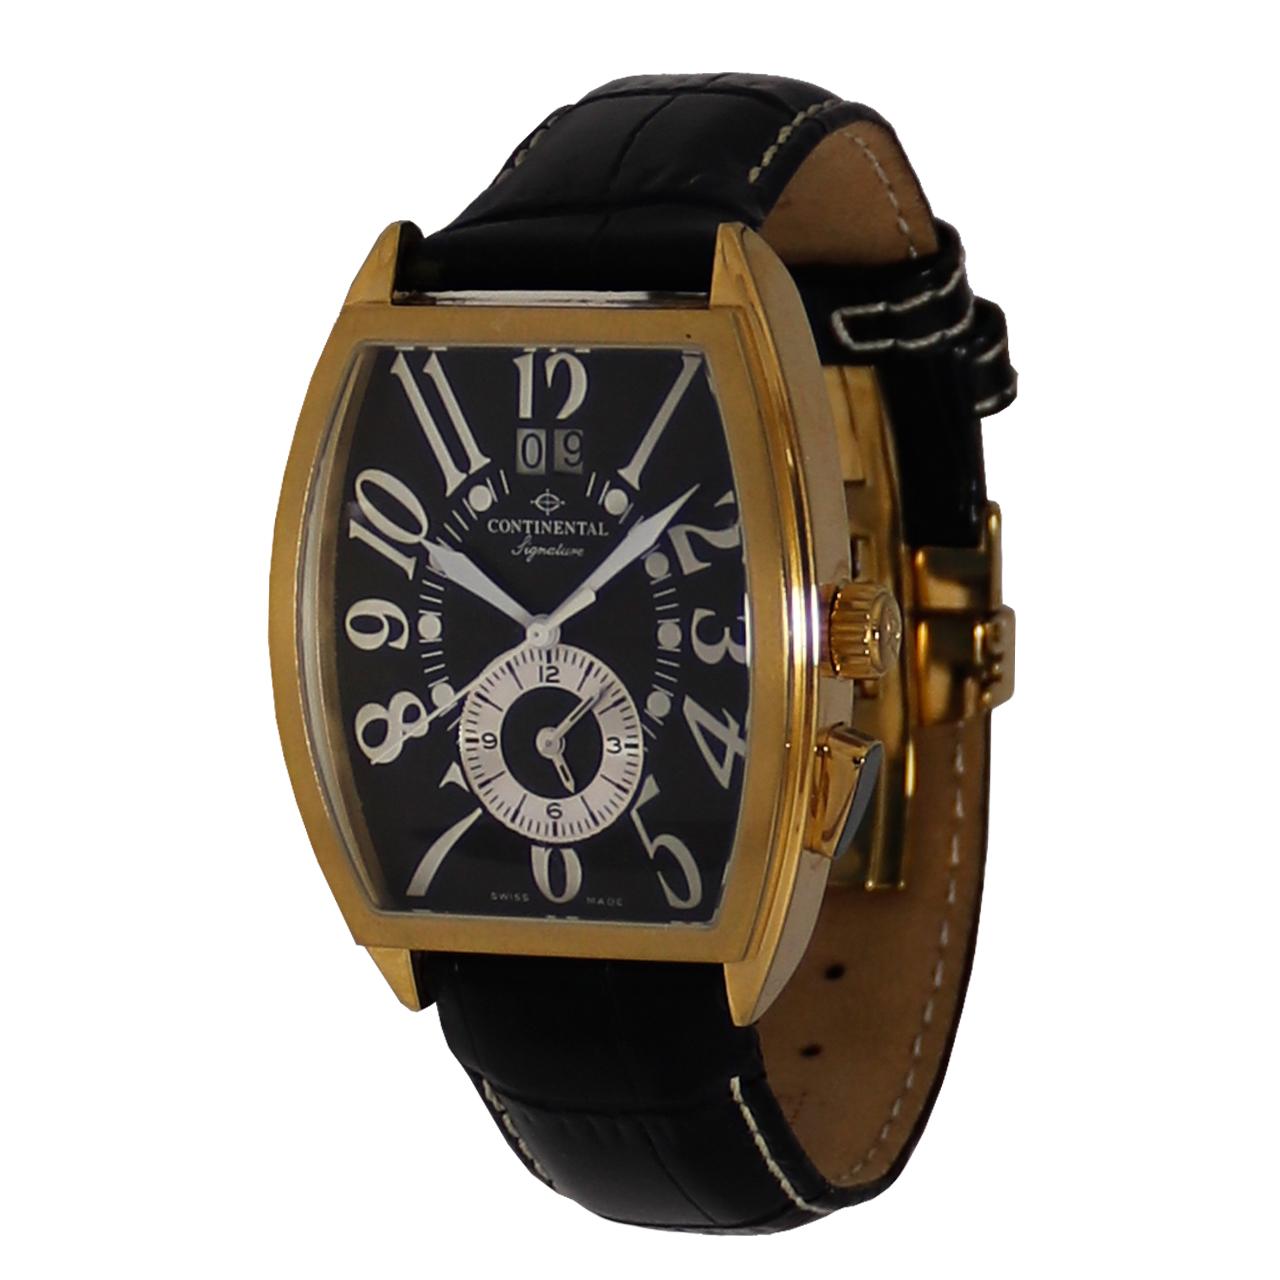 ساعت مچی عقربه ای مردانه کنتیننتال مدل G154-9117 51